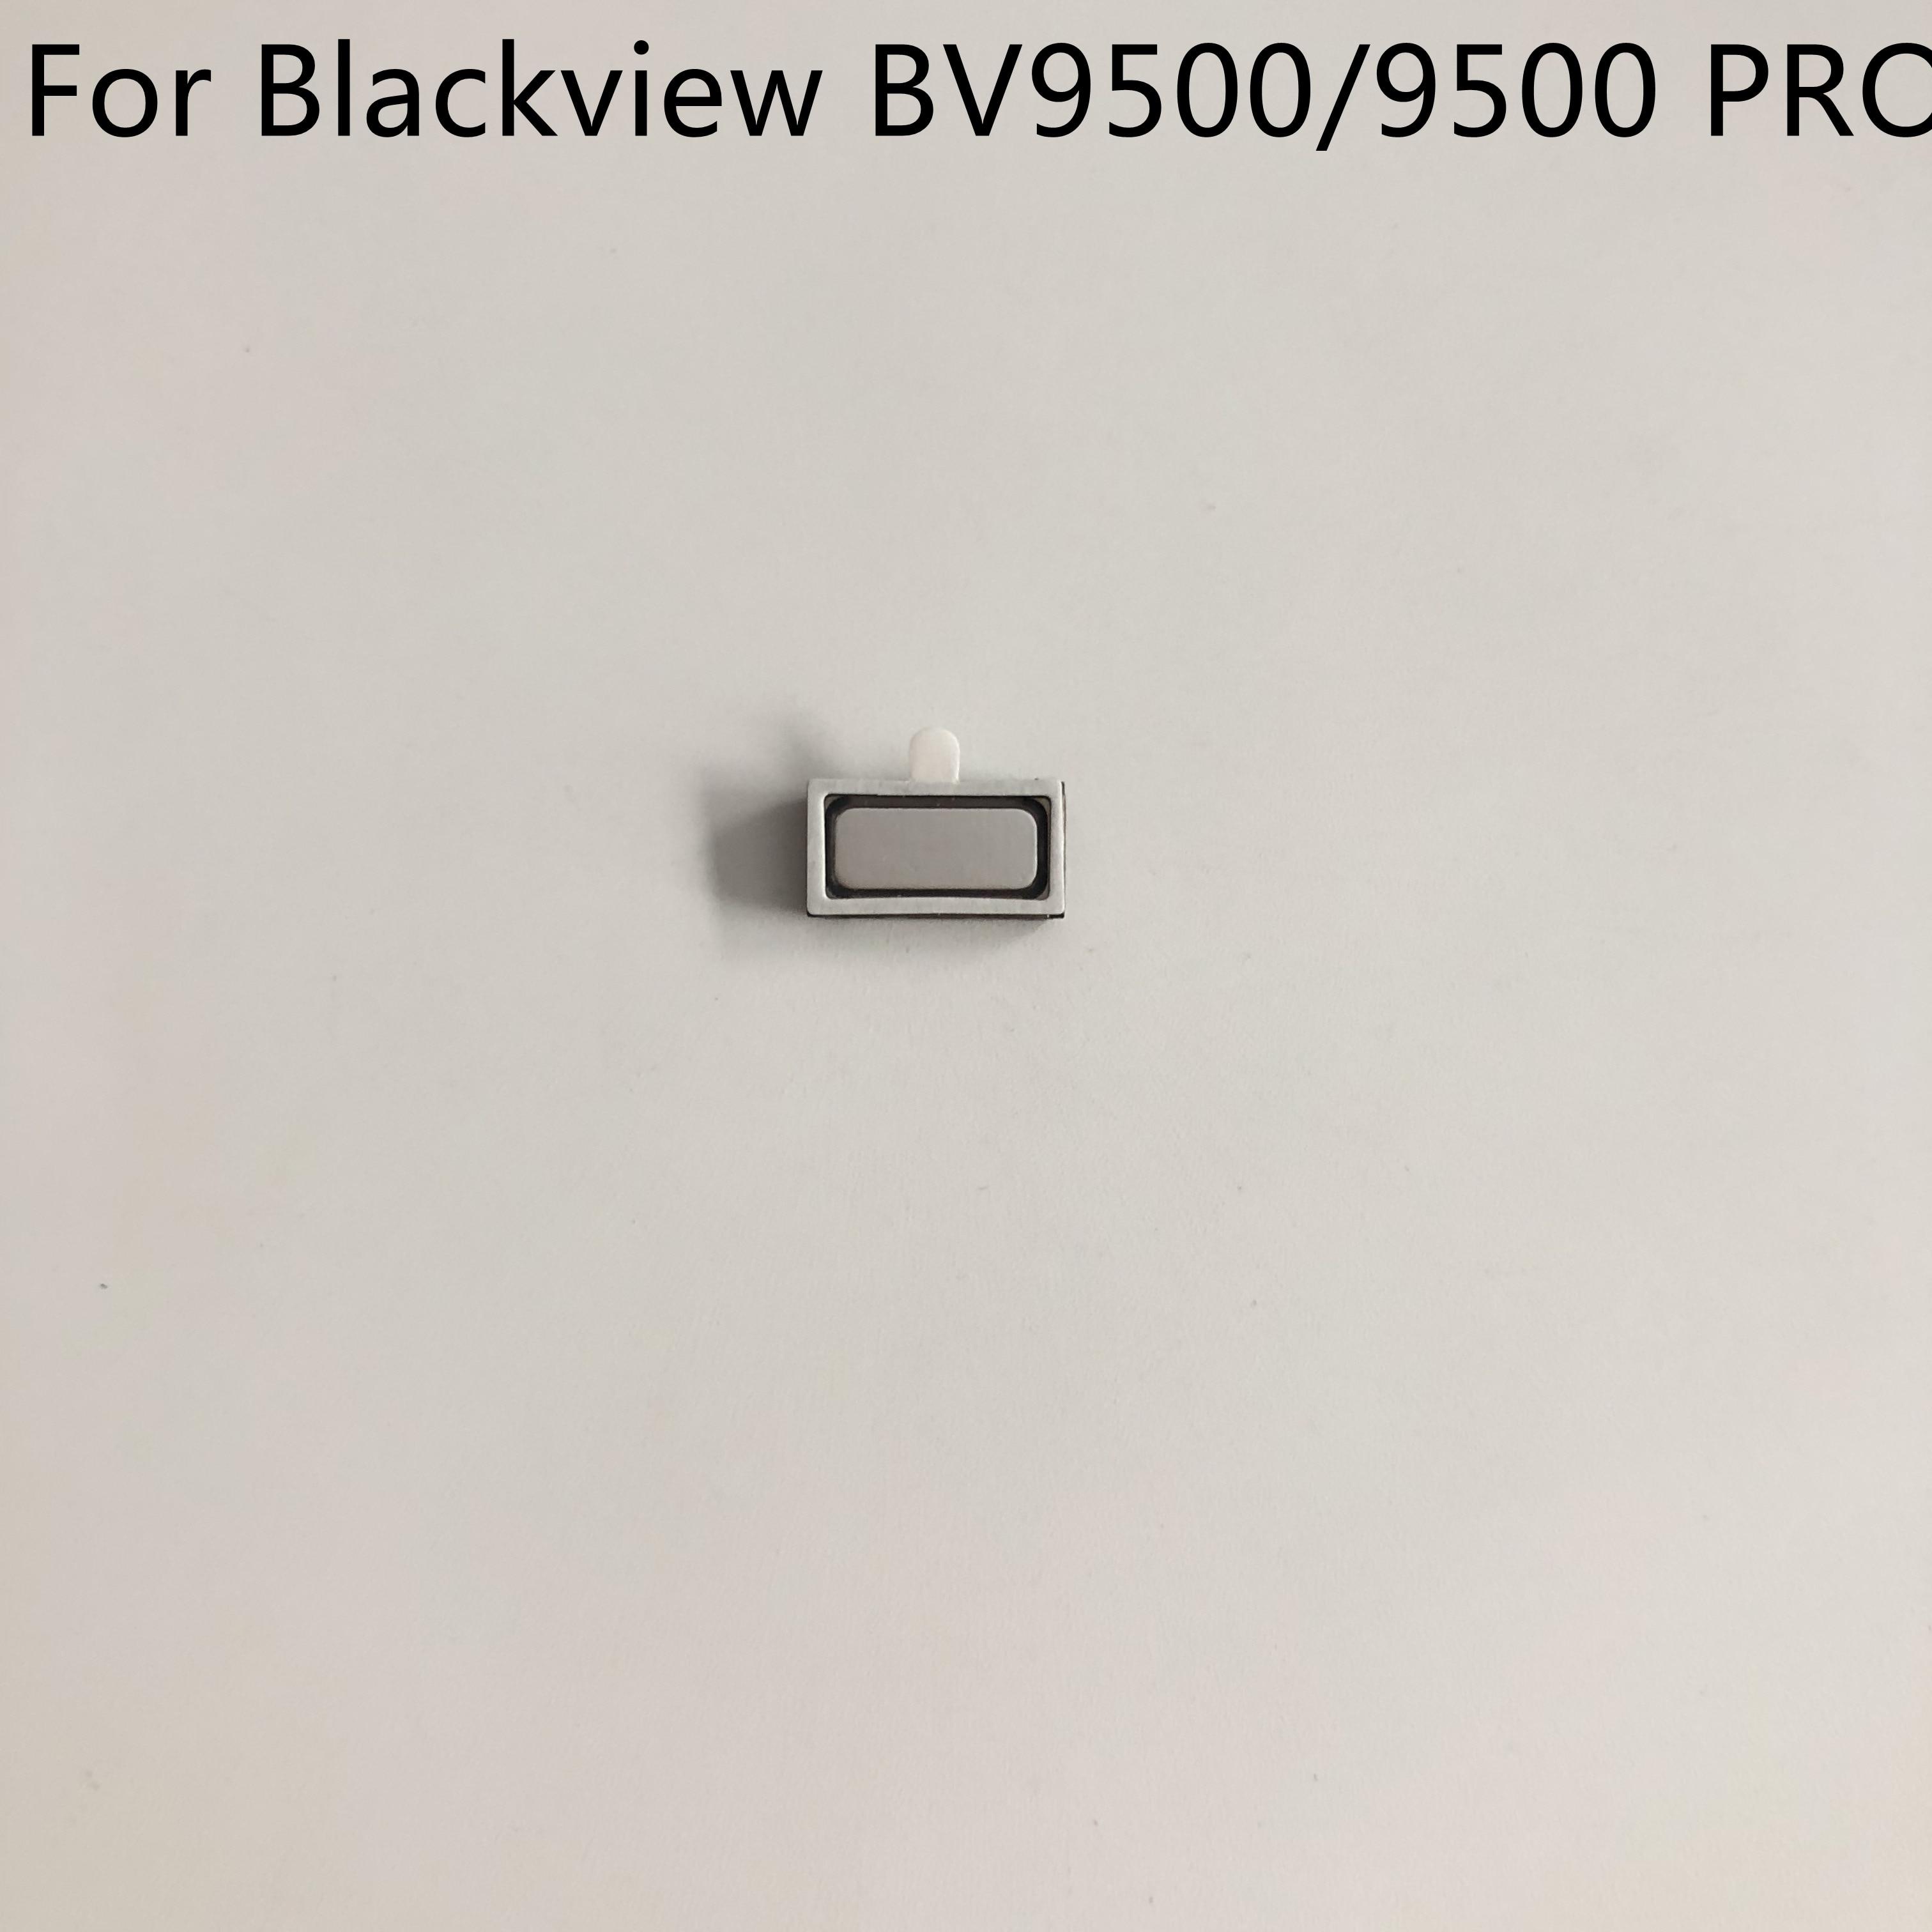 Blackview BV9500 Pro nuevo receptor de voz Original auricular altavoz para Blackview BV9500 MT6763T 5,7 pulgadas 2160x1080 Smartphone